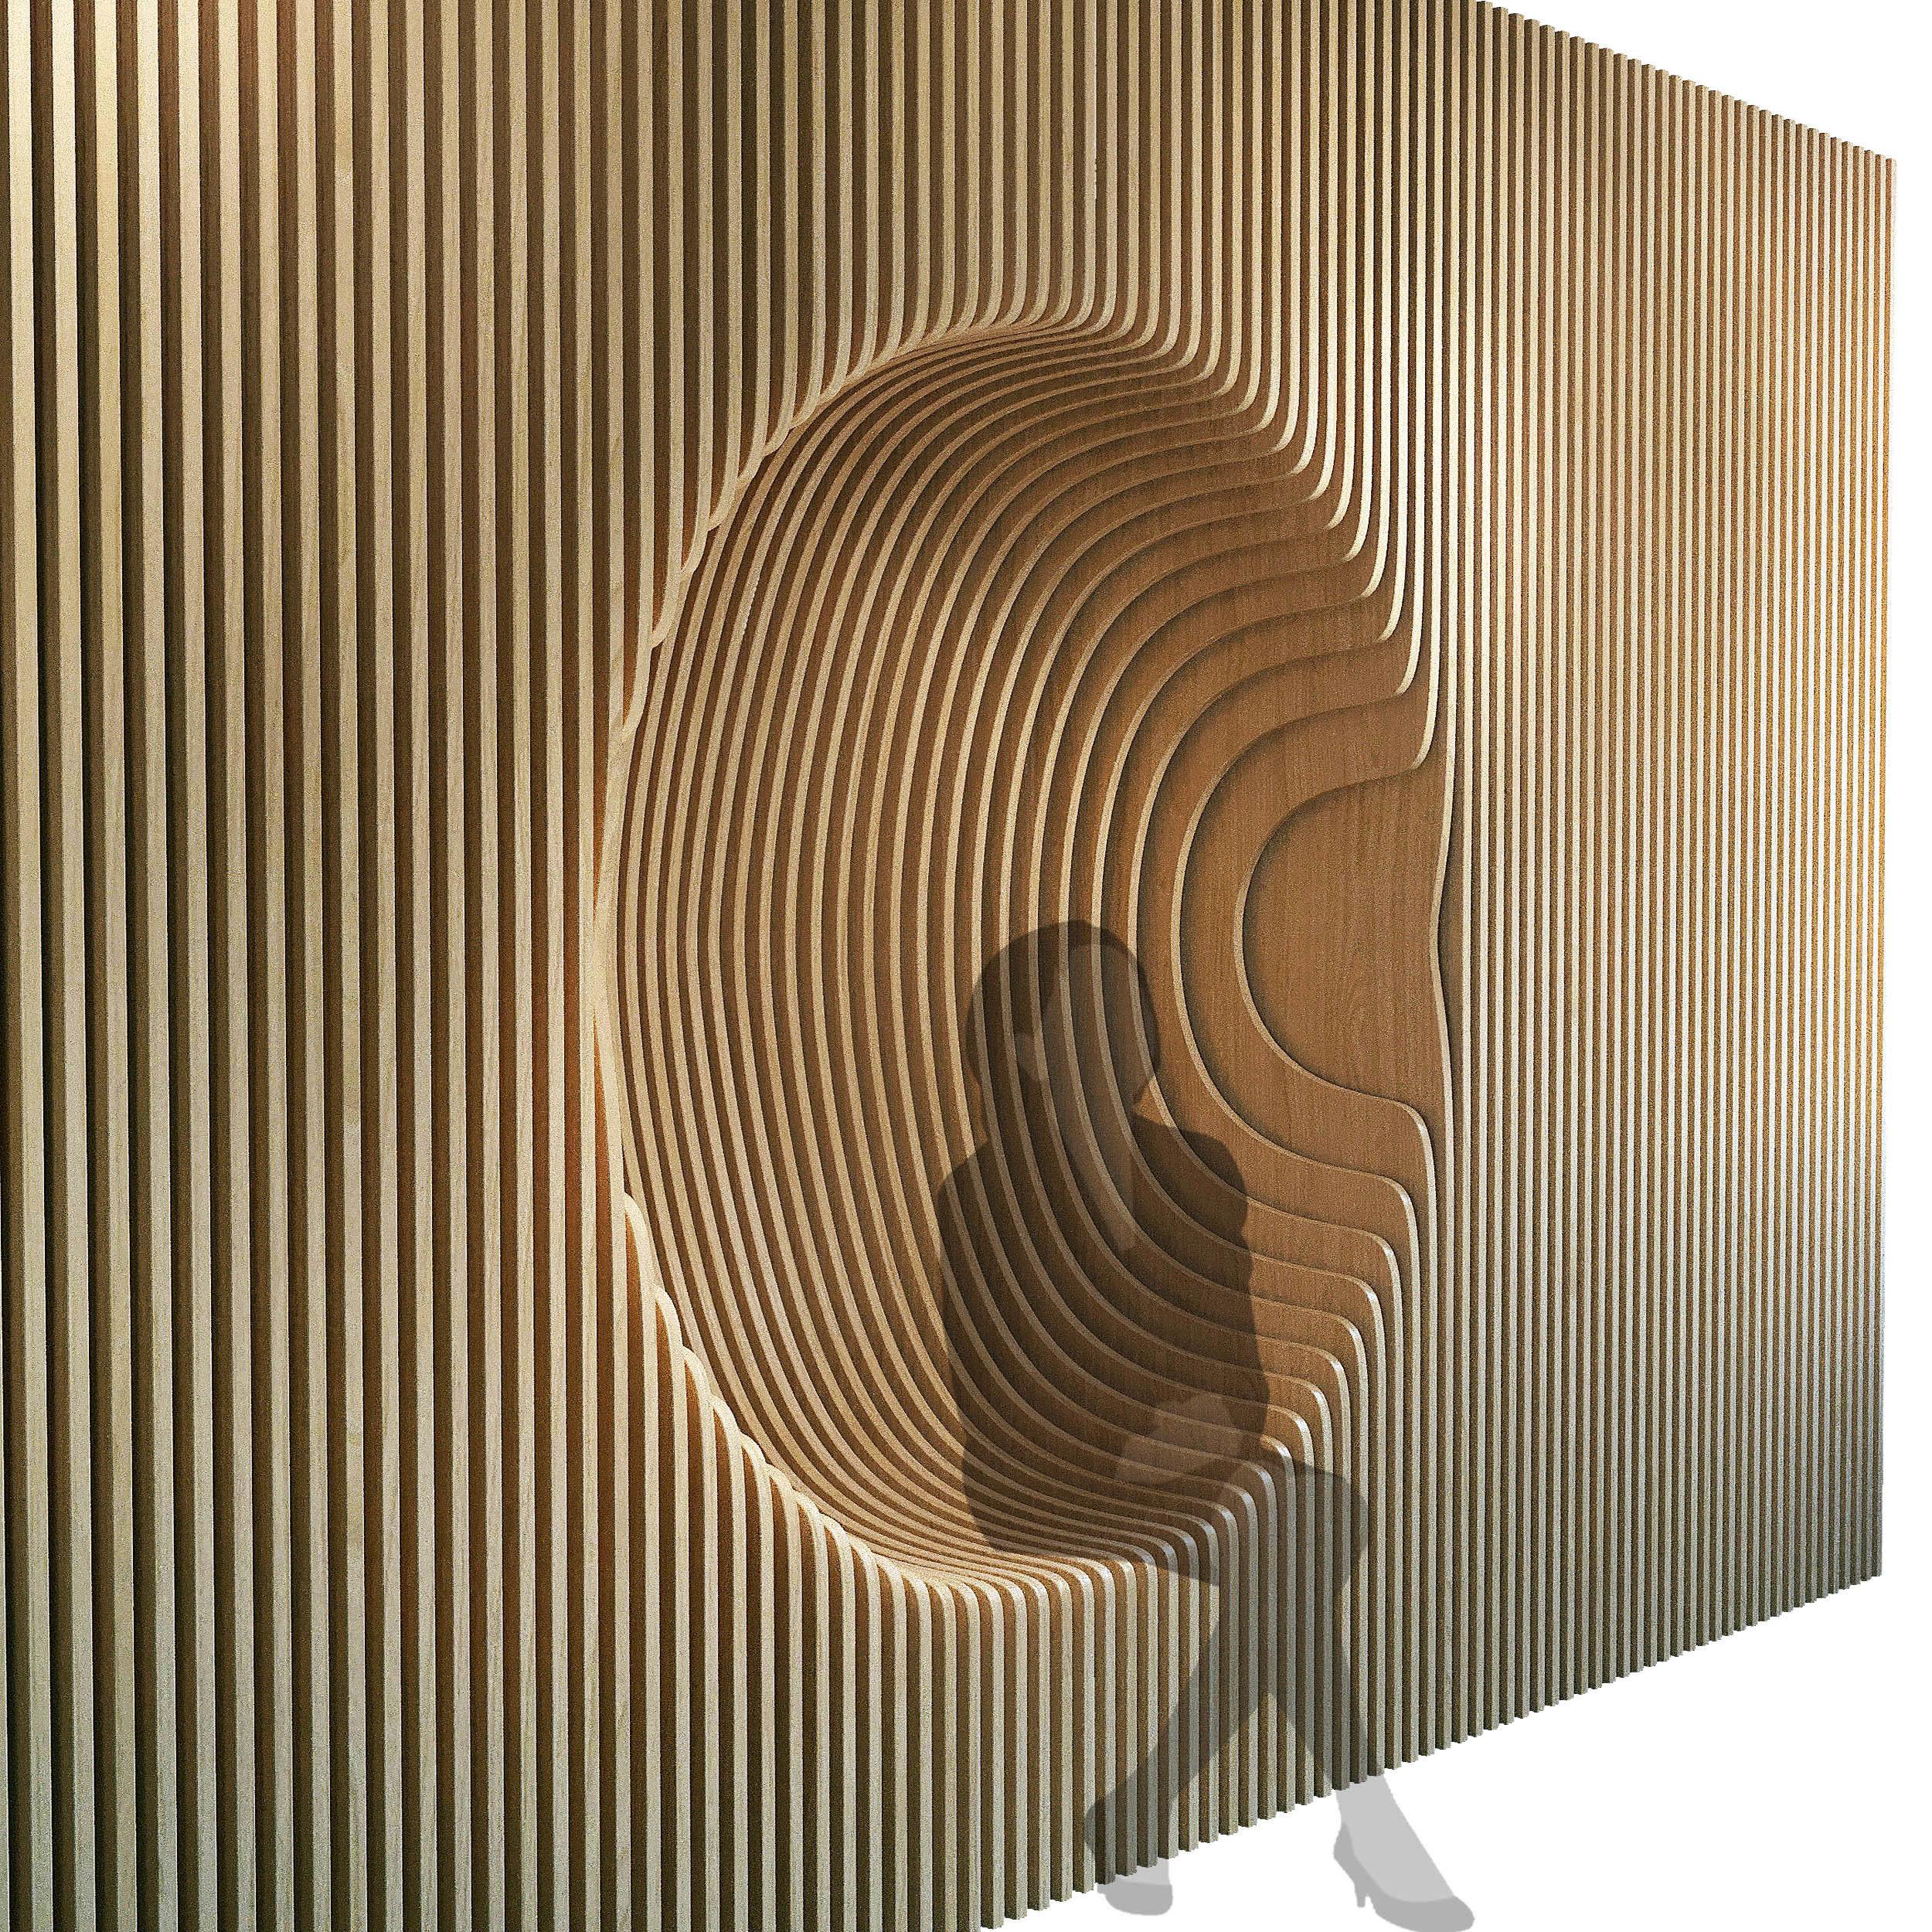 Parametric wall 011